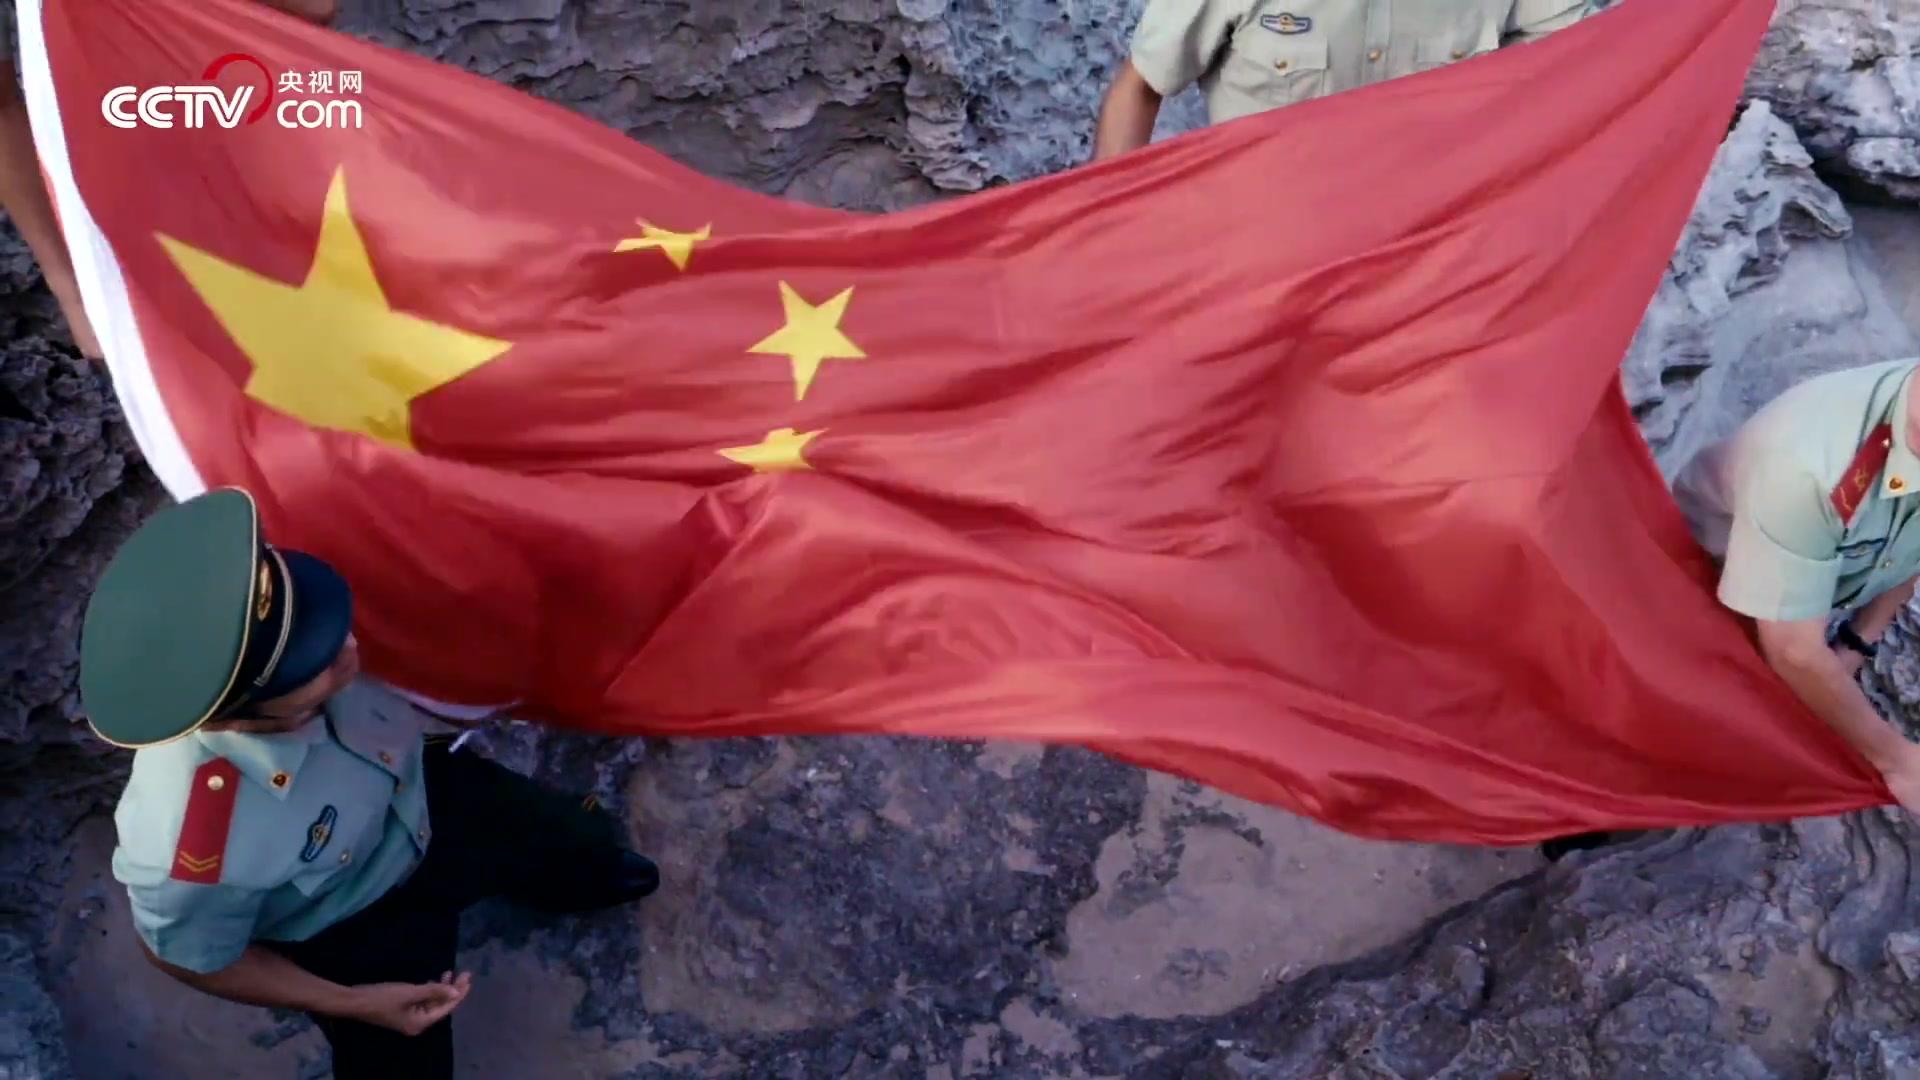 守好祖国南大门!让红旗飘扬在祖国的万里海疆